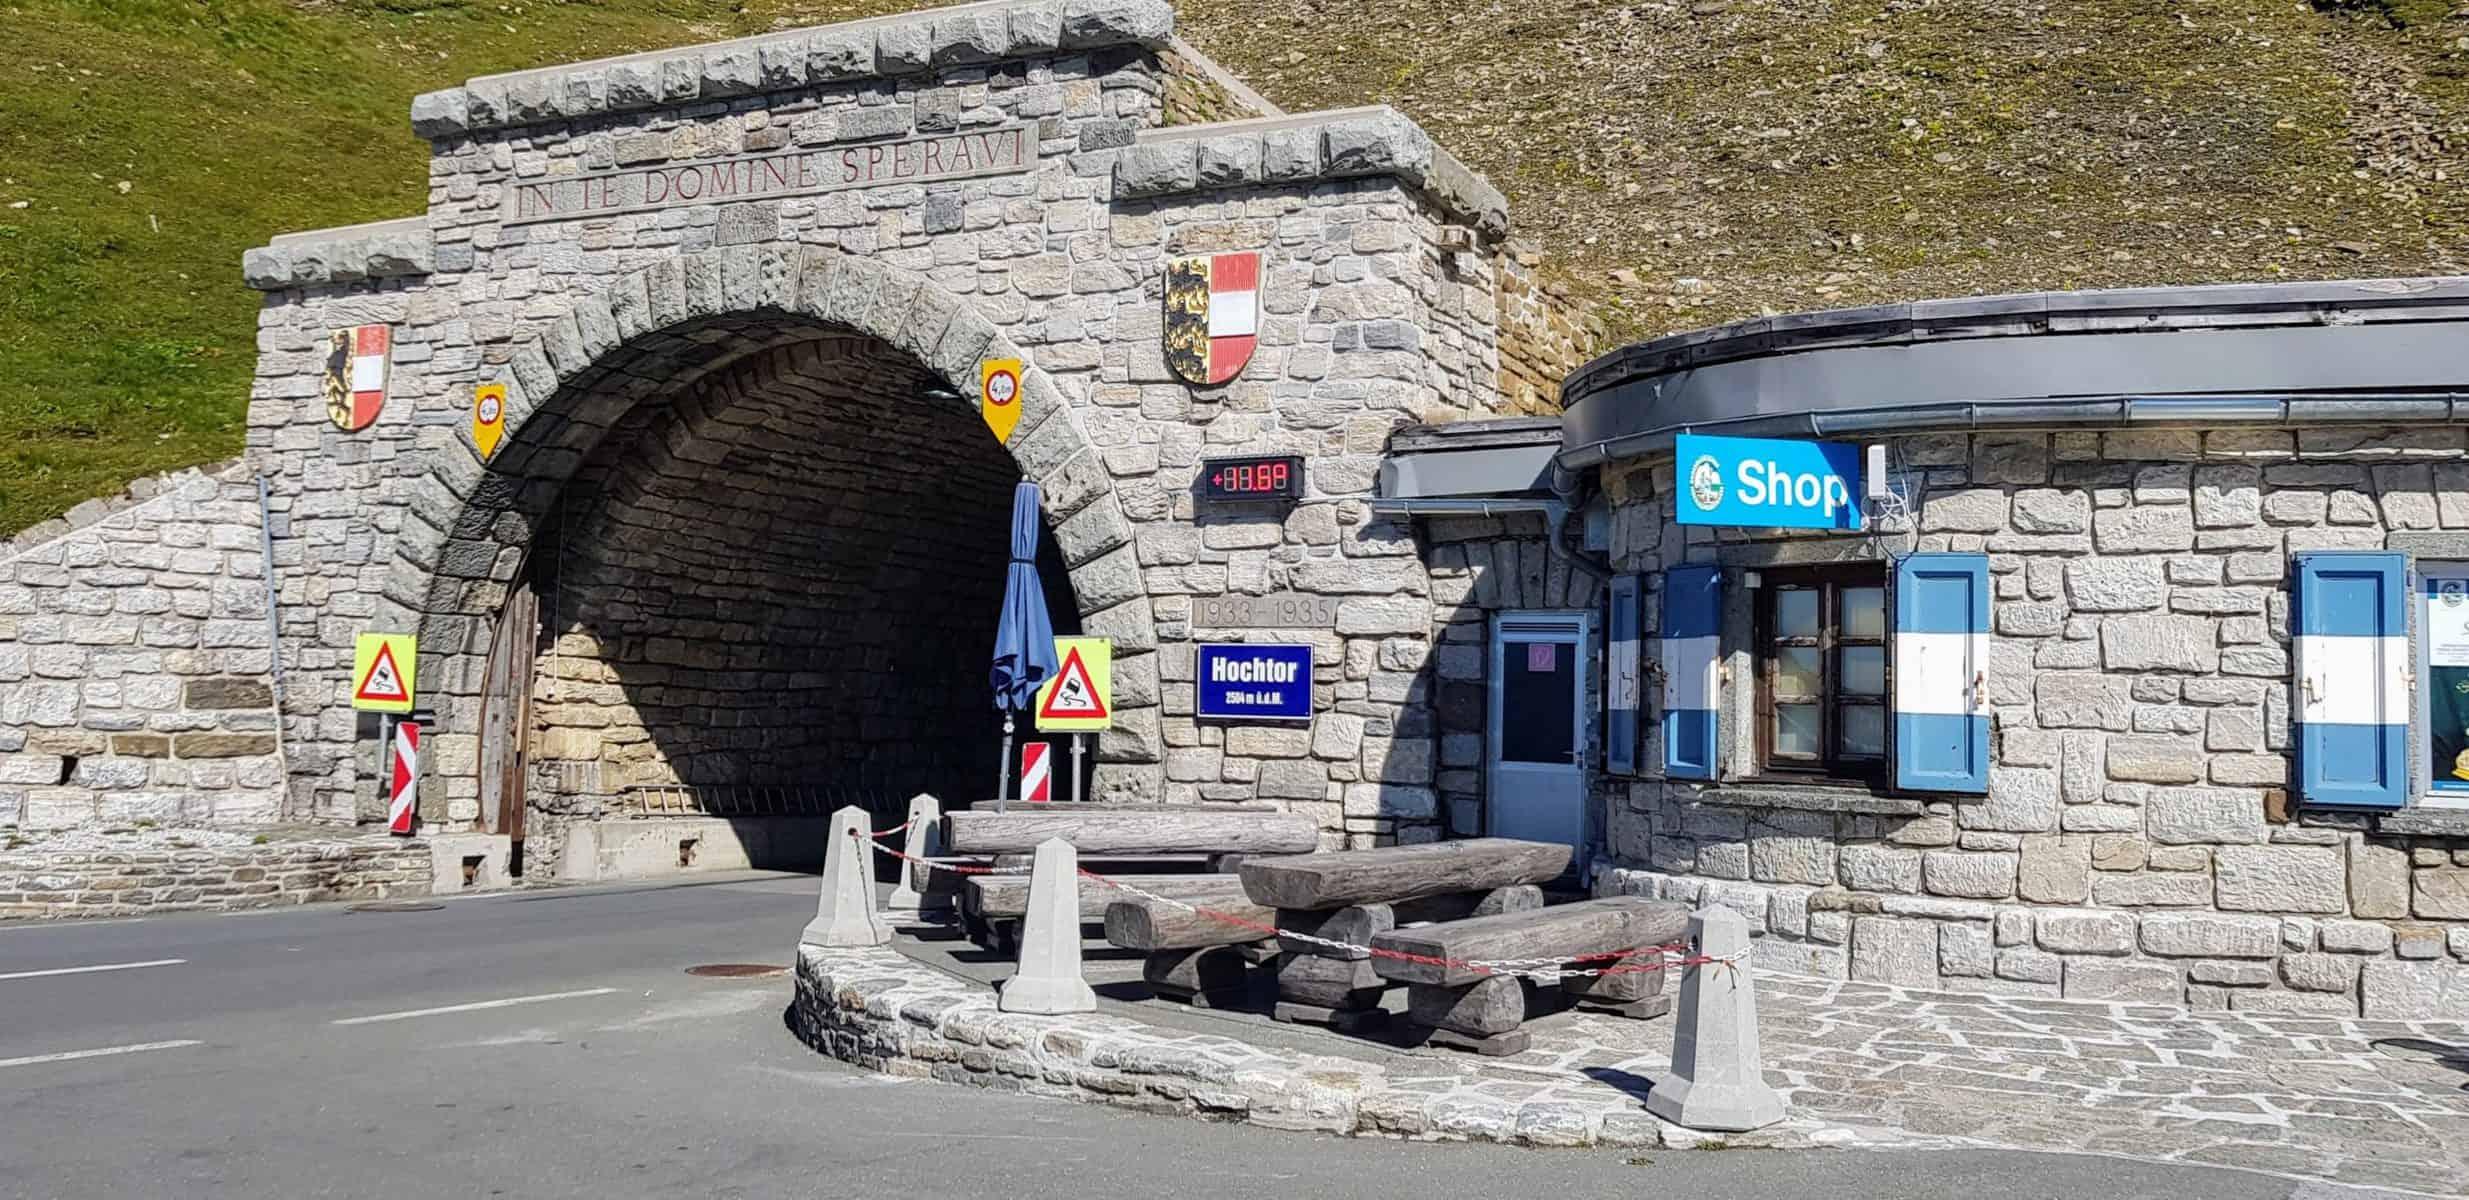 Hochtor Passhöhe Großglockner Hochalpenstraße - Grenze zwischen Kärnten & Salzburg